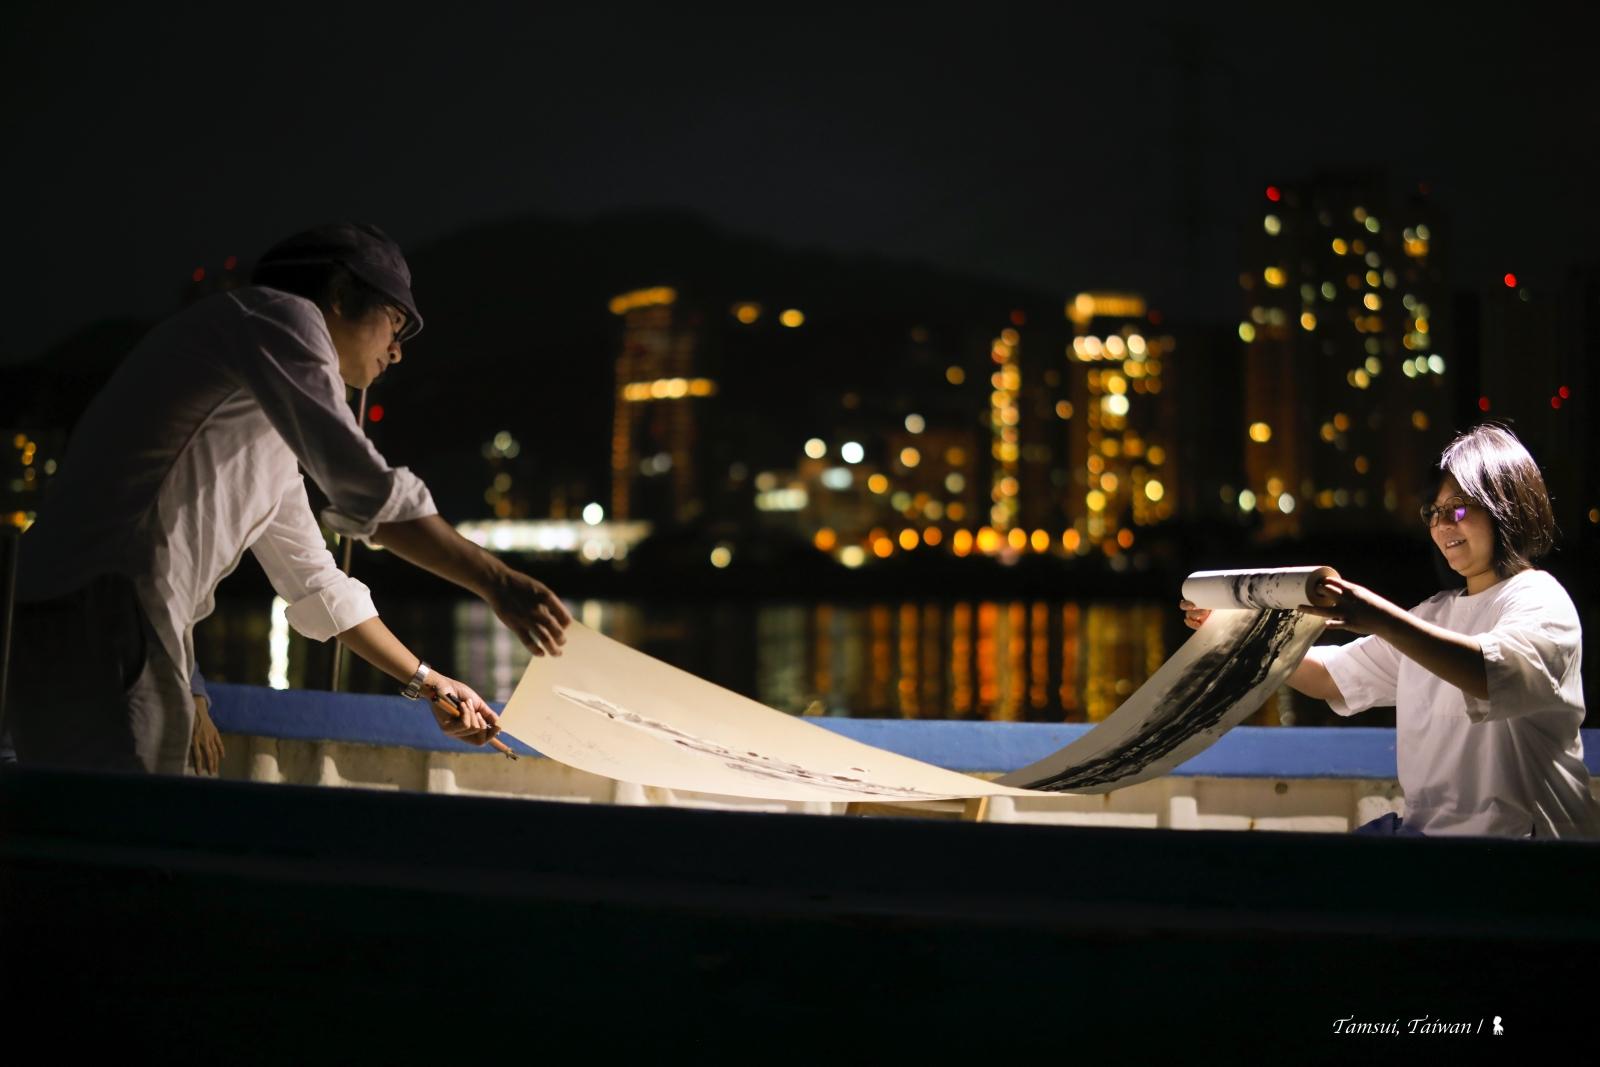 淡水河上的舢舨茶席,一趟文化采風的創作舟旅